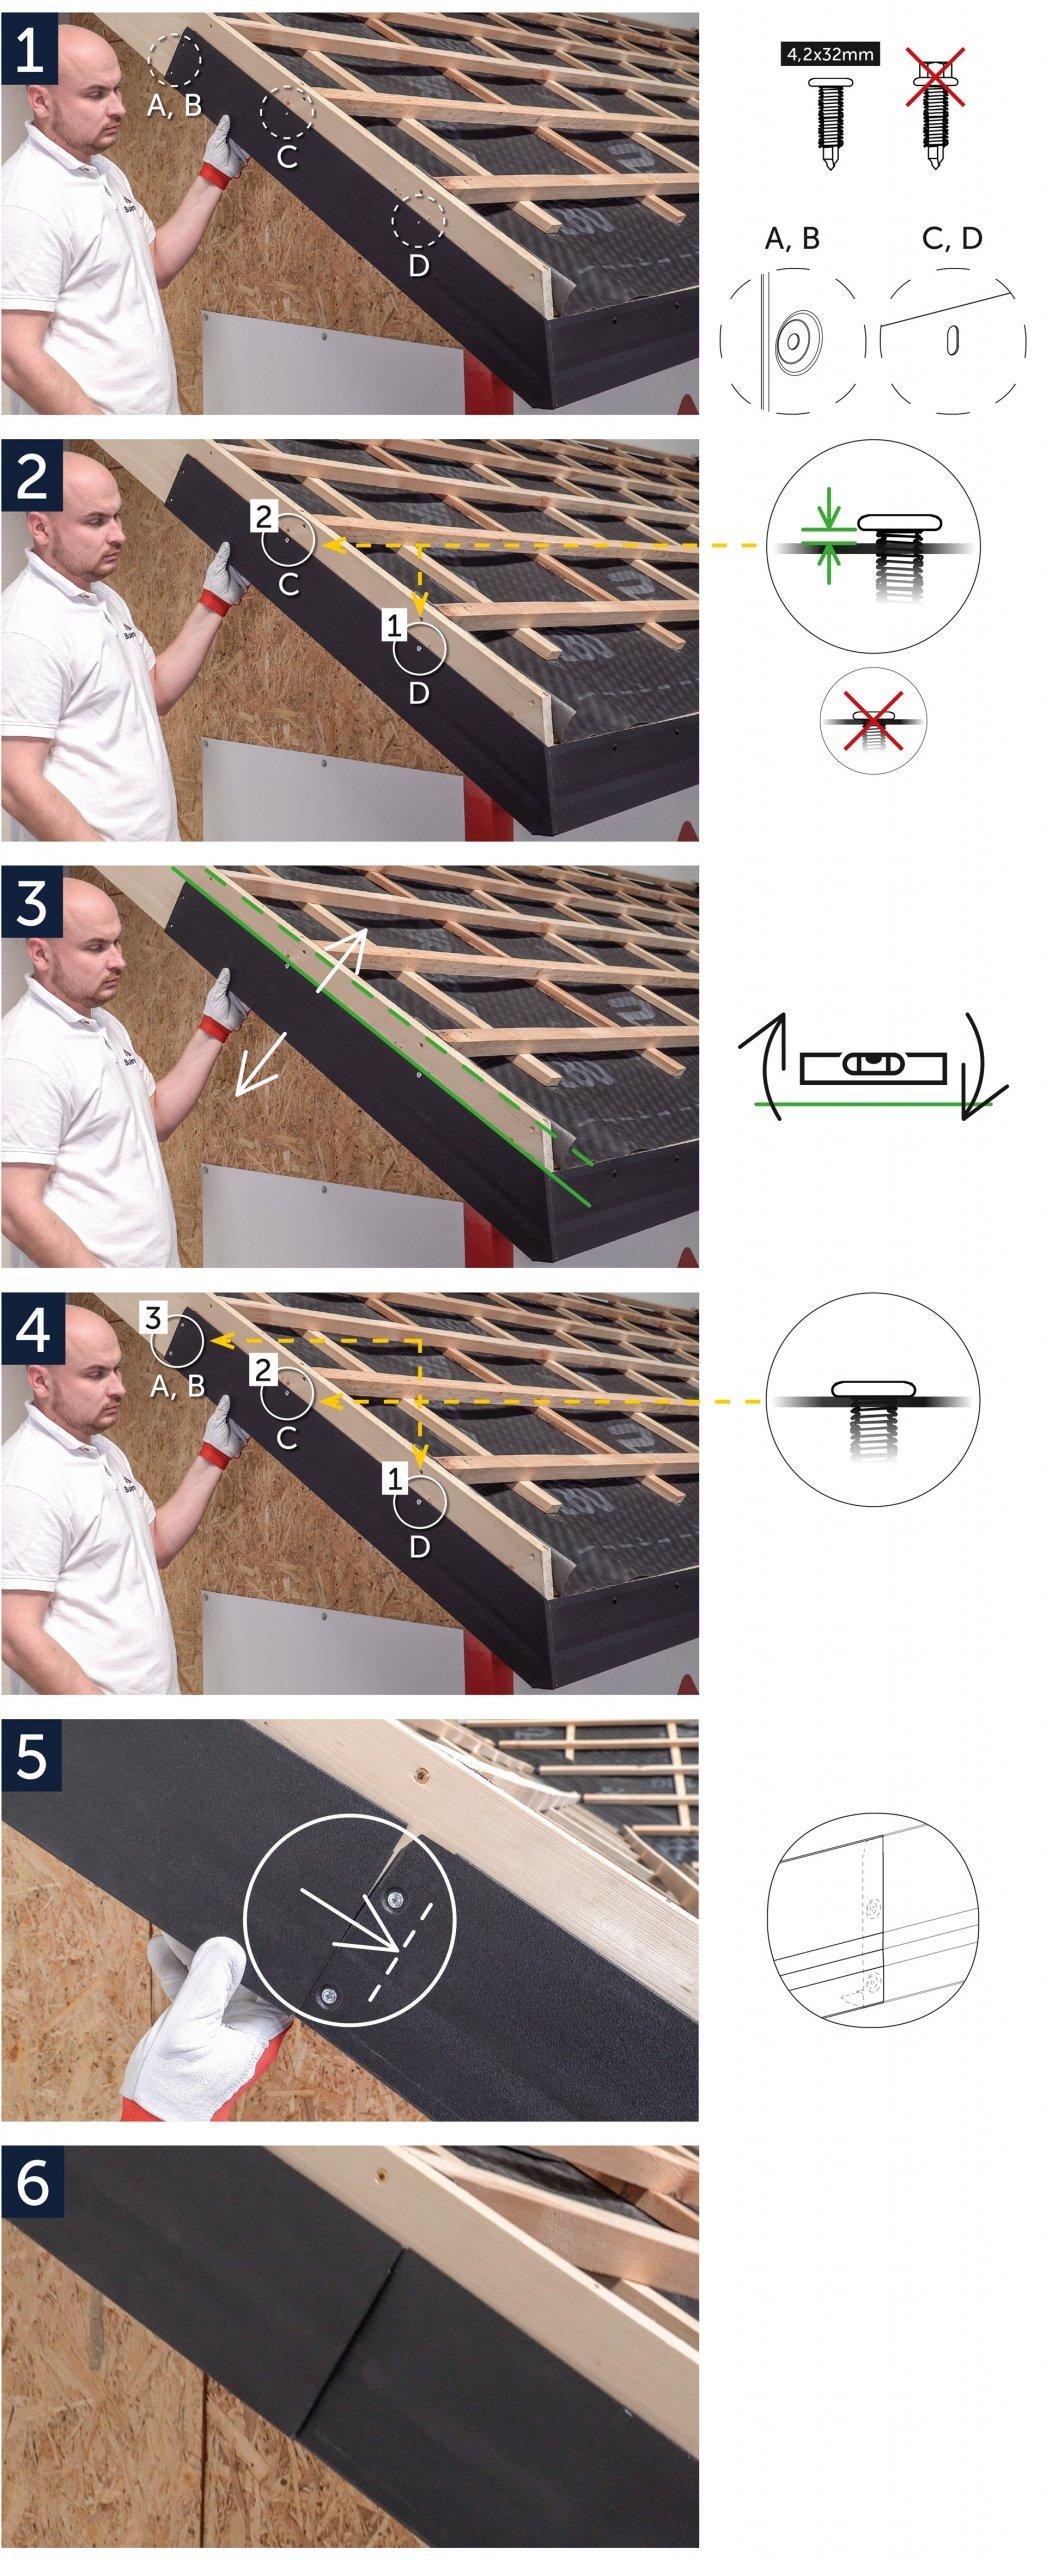 Instrukcja montażu System MOD - wiatrownica dolna WD